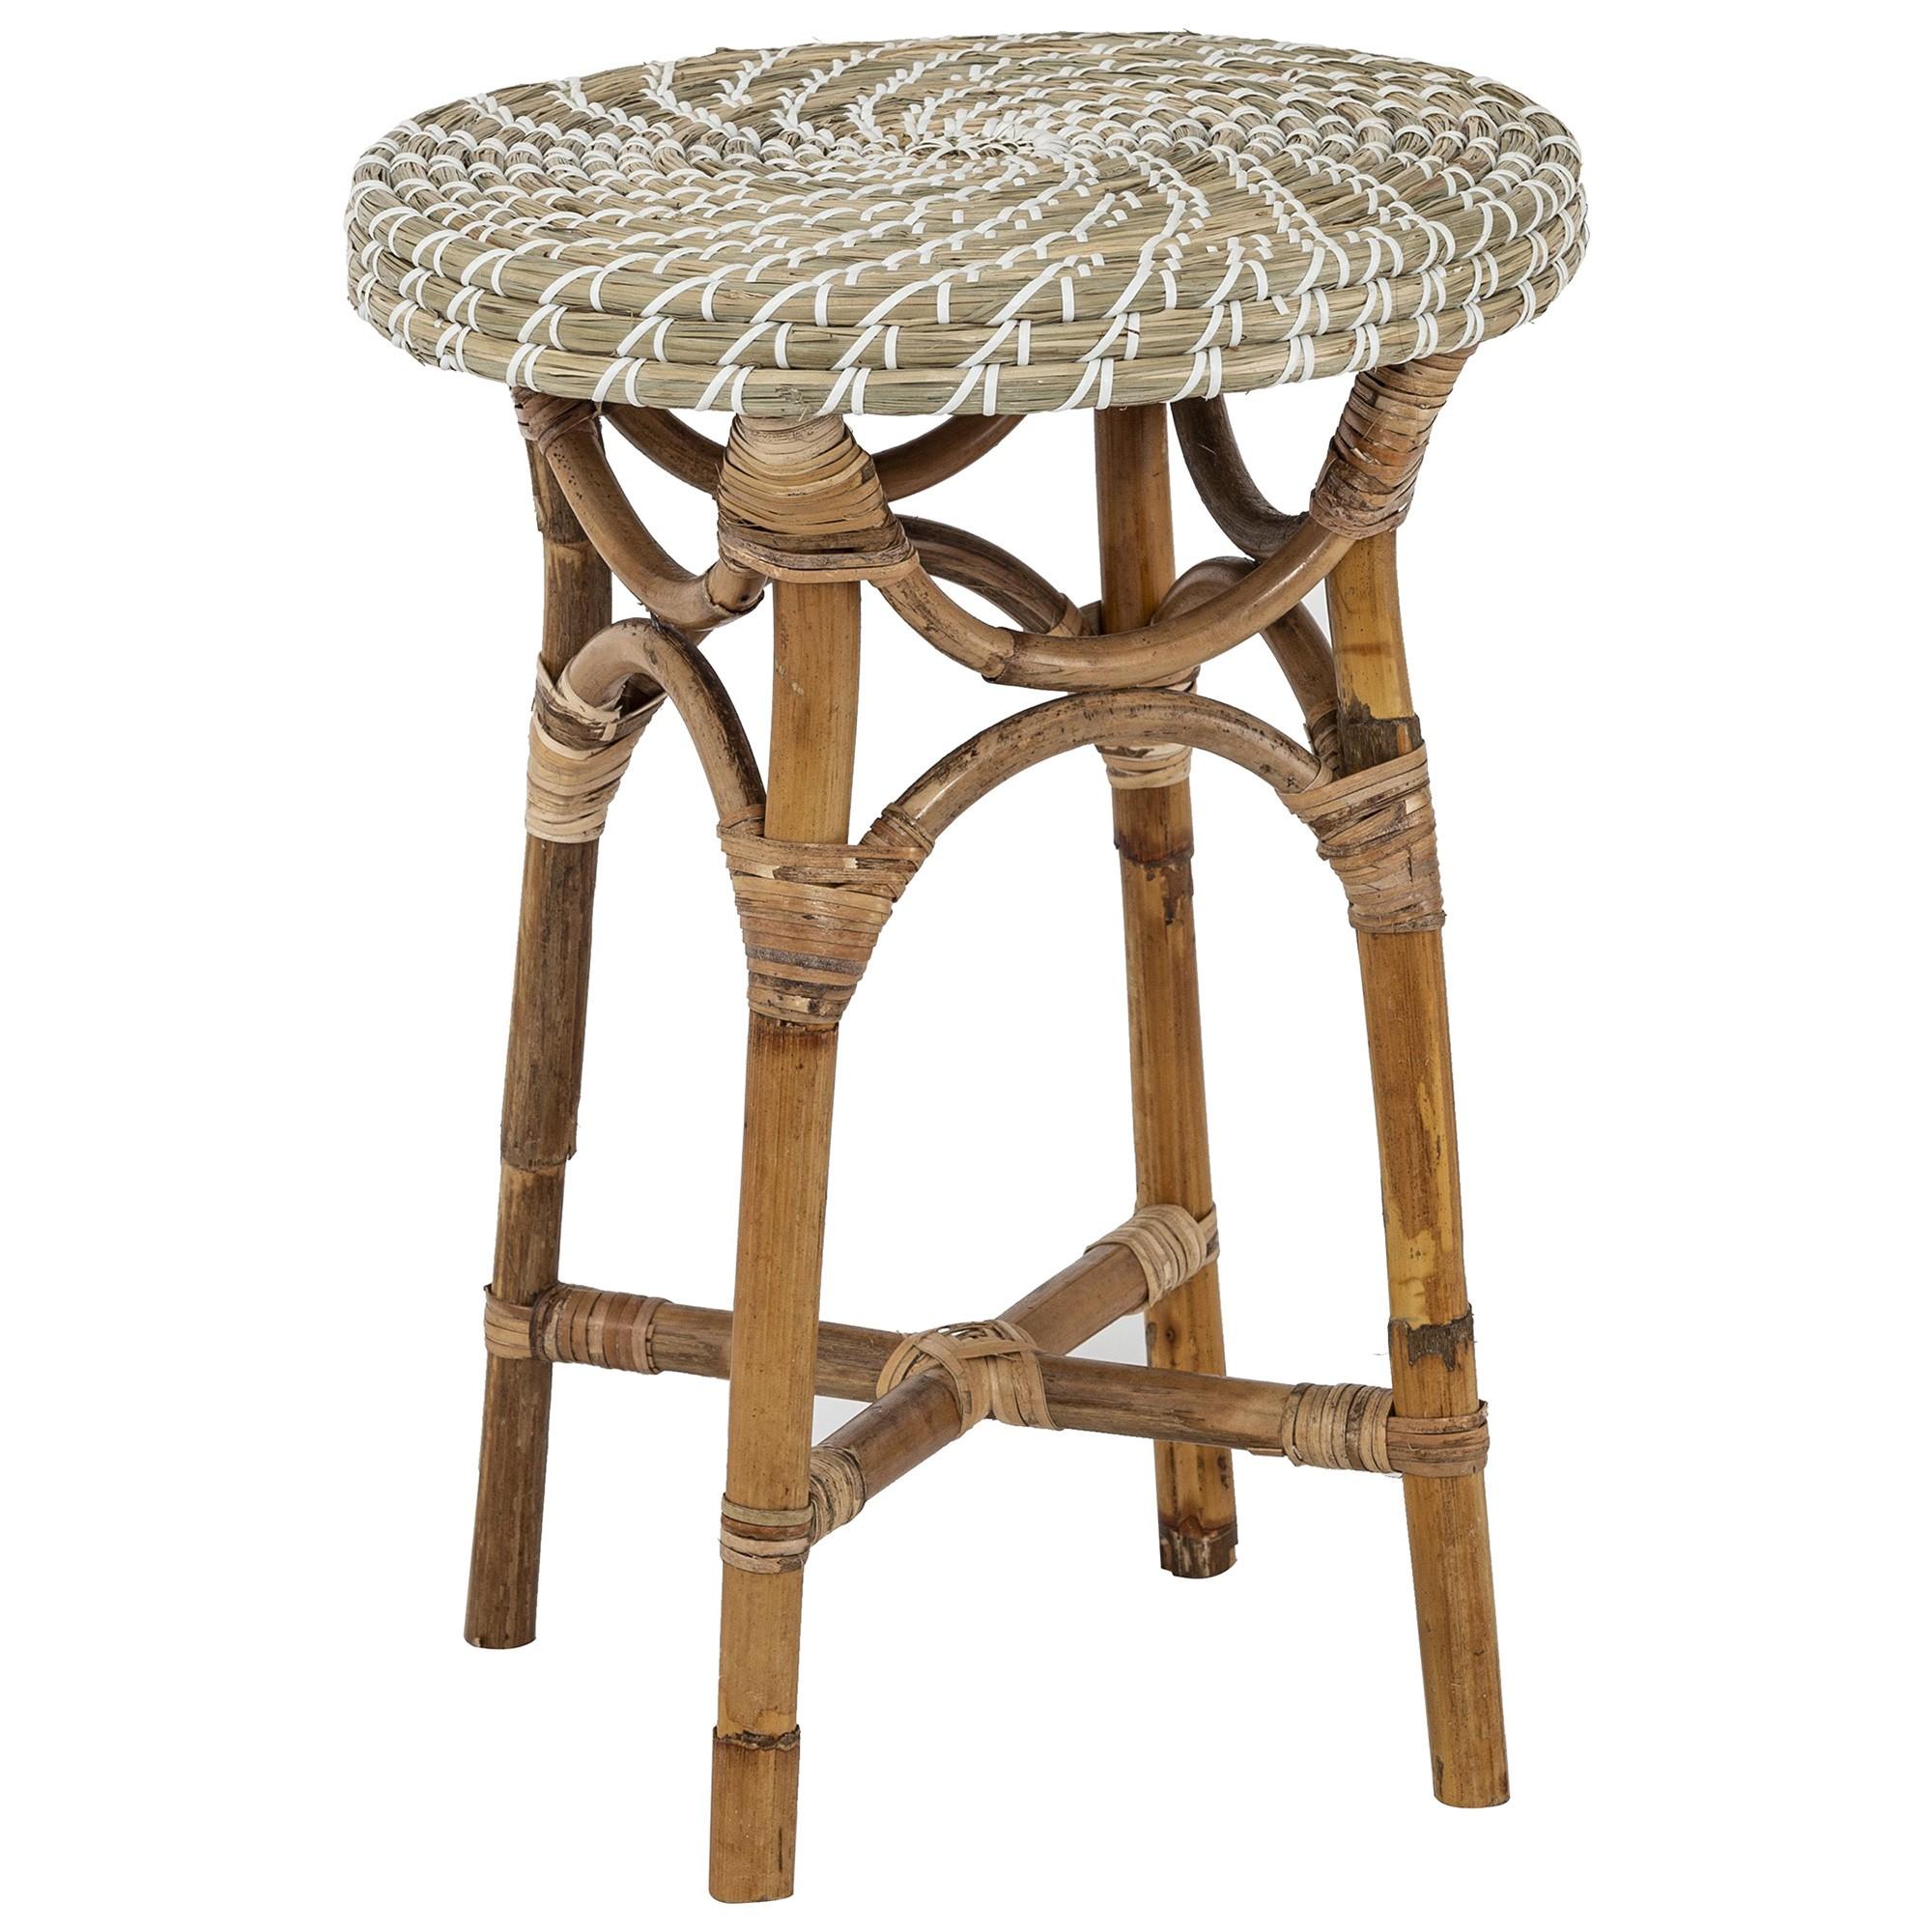 Kaysa Seagrass & Rattan Side Table